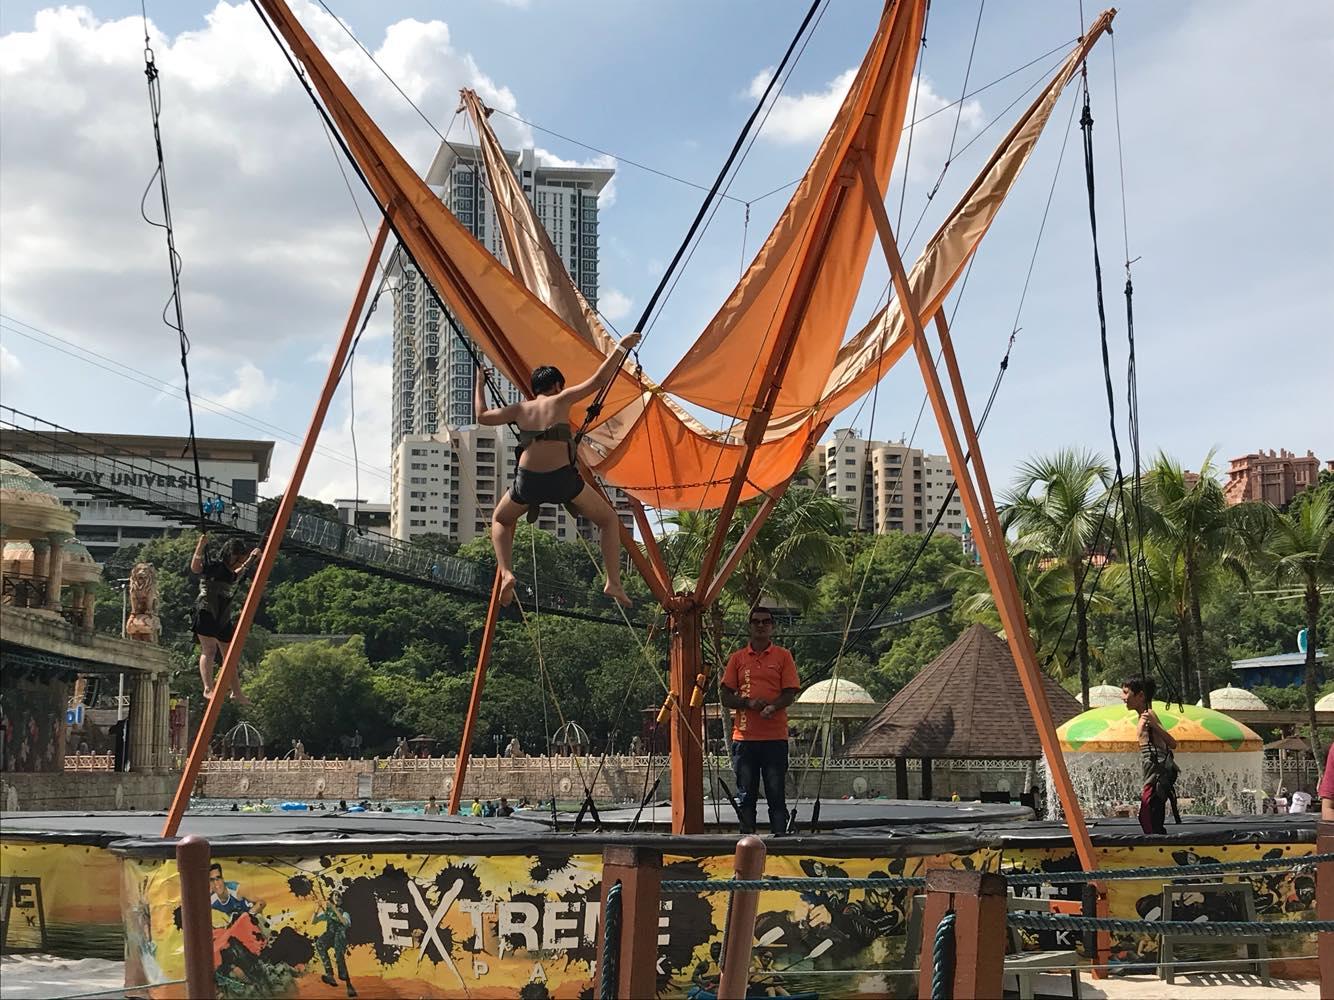 Cuti Sekolah Dapat Berseronok Sakan Dengan Penuh Keriangan Bersama Tiket Sunway Lagoon Kuala Lumpur Dewasa Bagi Mereka Yang Sukakan Aktiviti Lasak Bolehlah Mencuba Pelbagai Ekstrem Di Extreme Park Ada Permainan Kayak Paintball